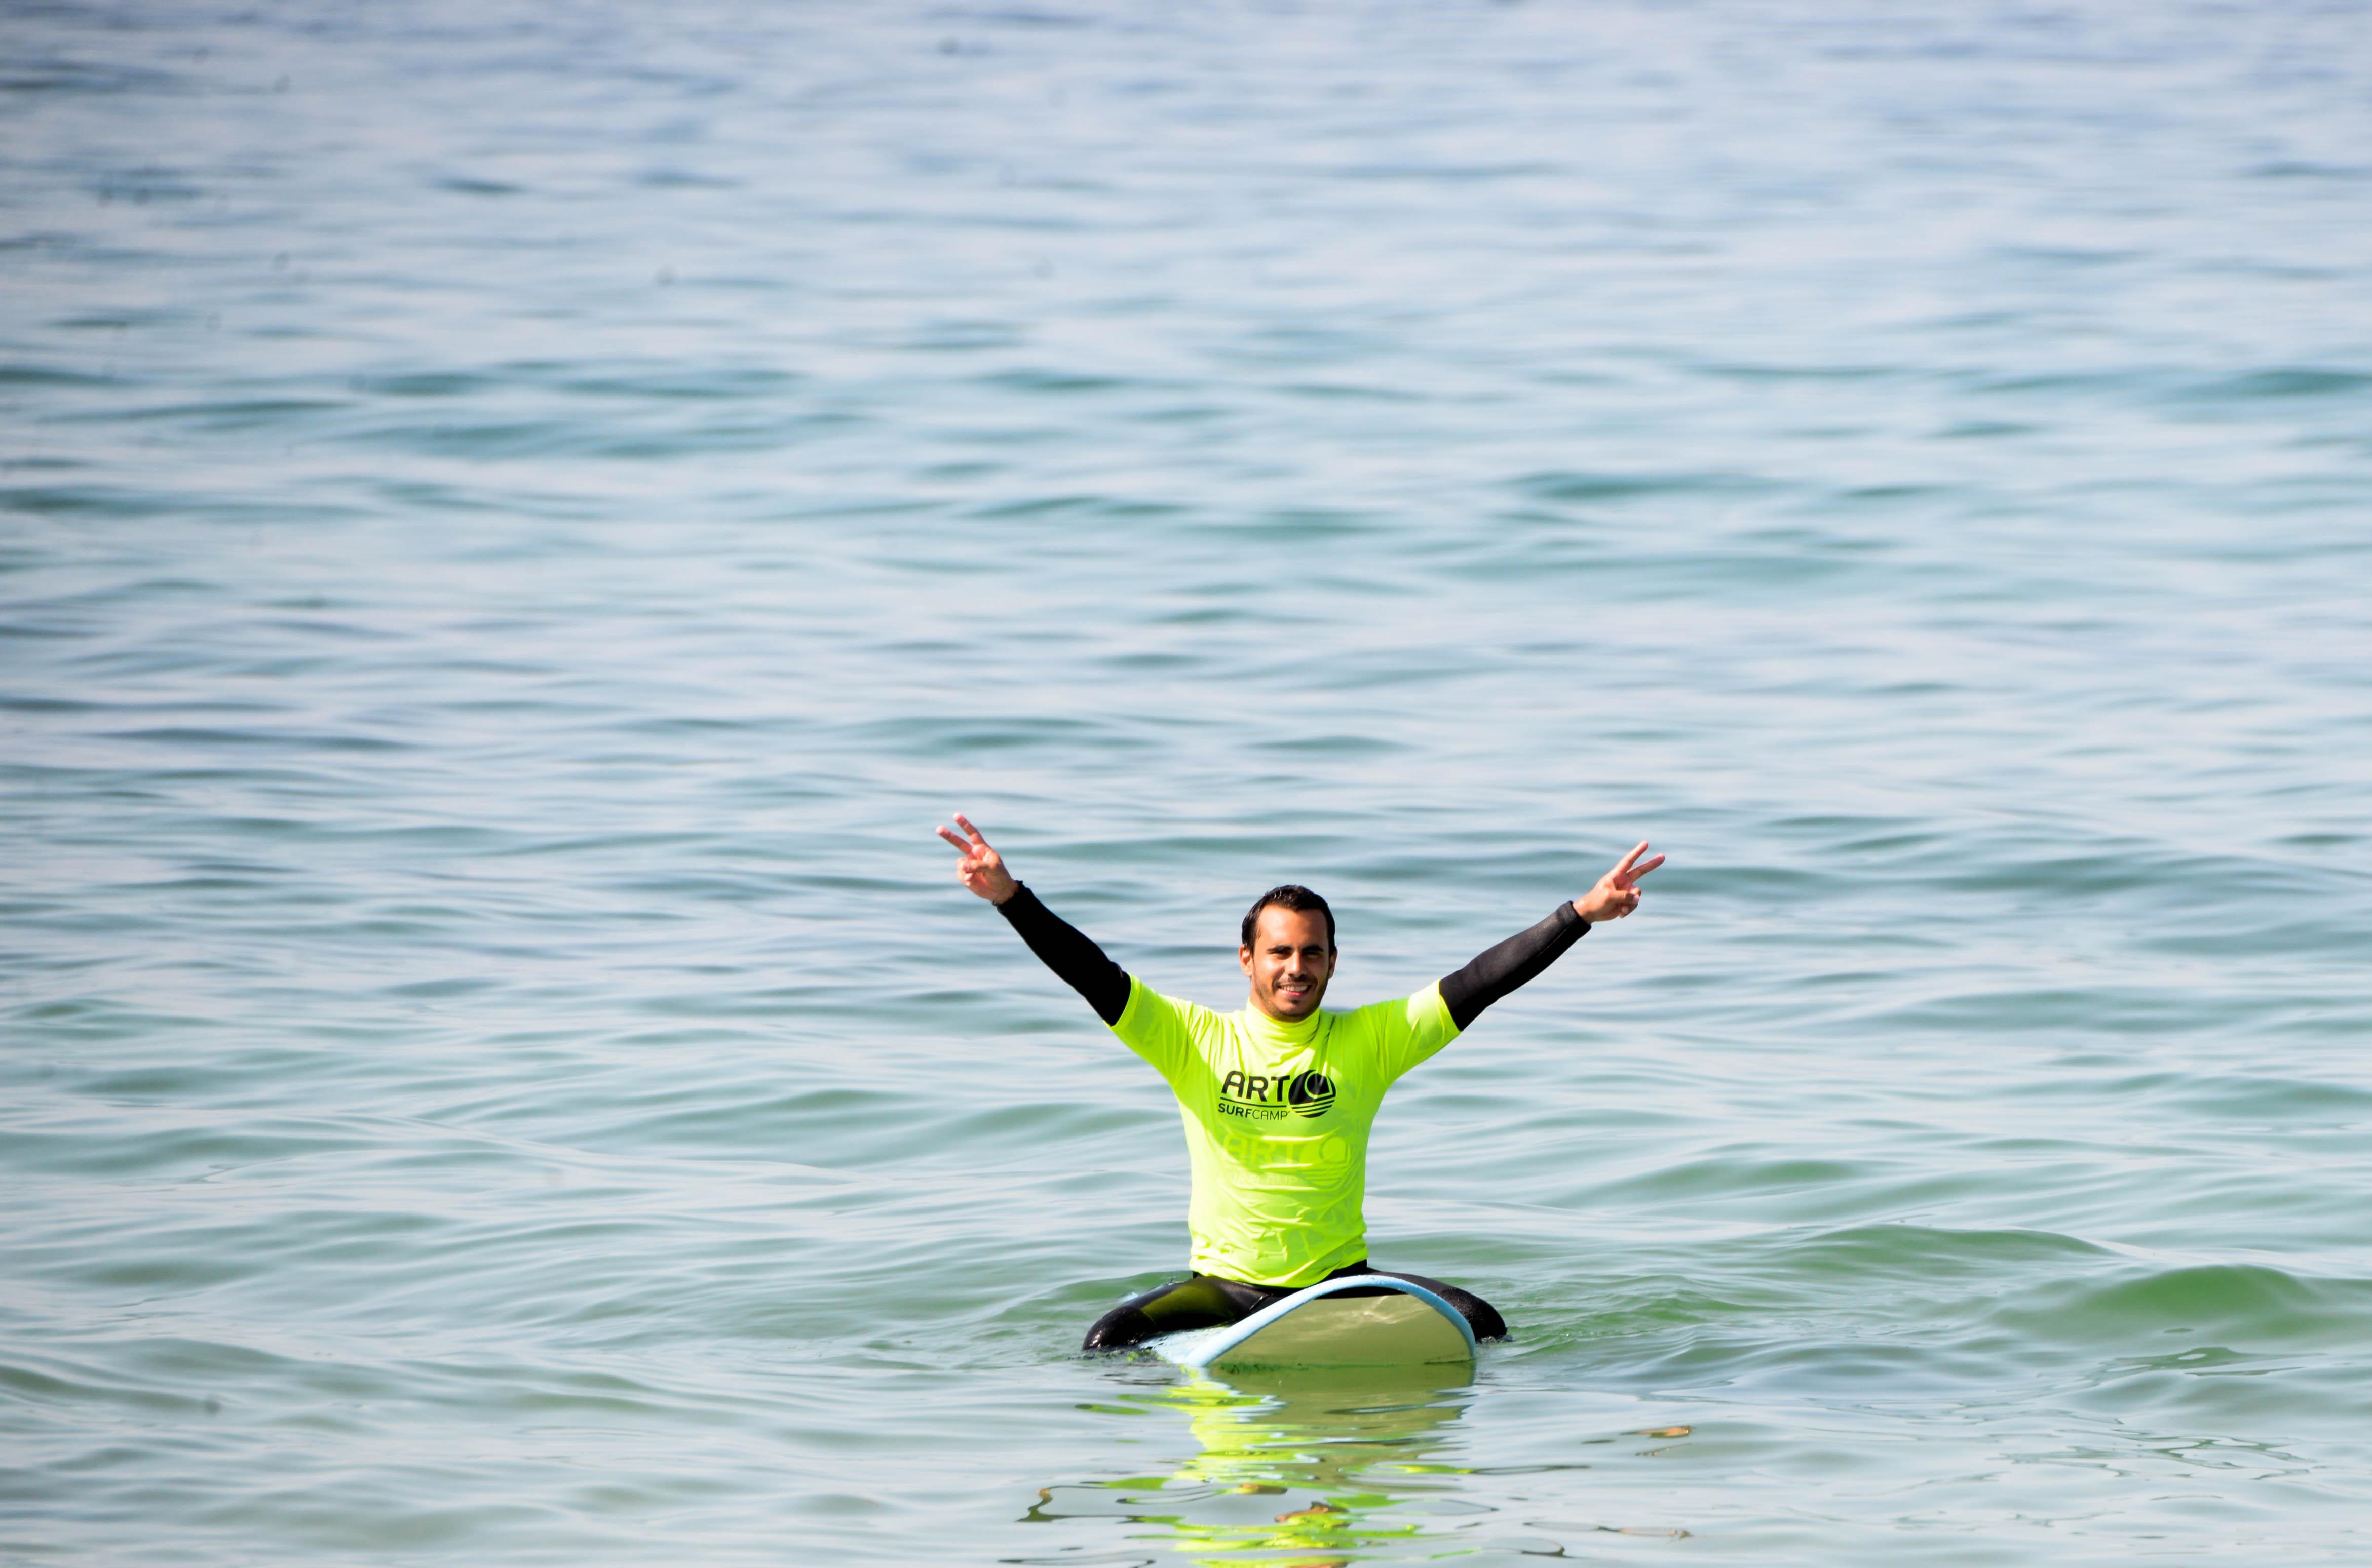 4 Razones Por Las Que Deberías Empezar a Surfear Hoy Mismo